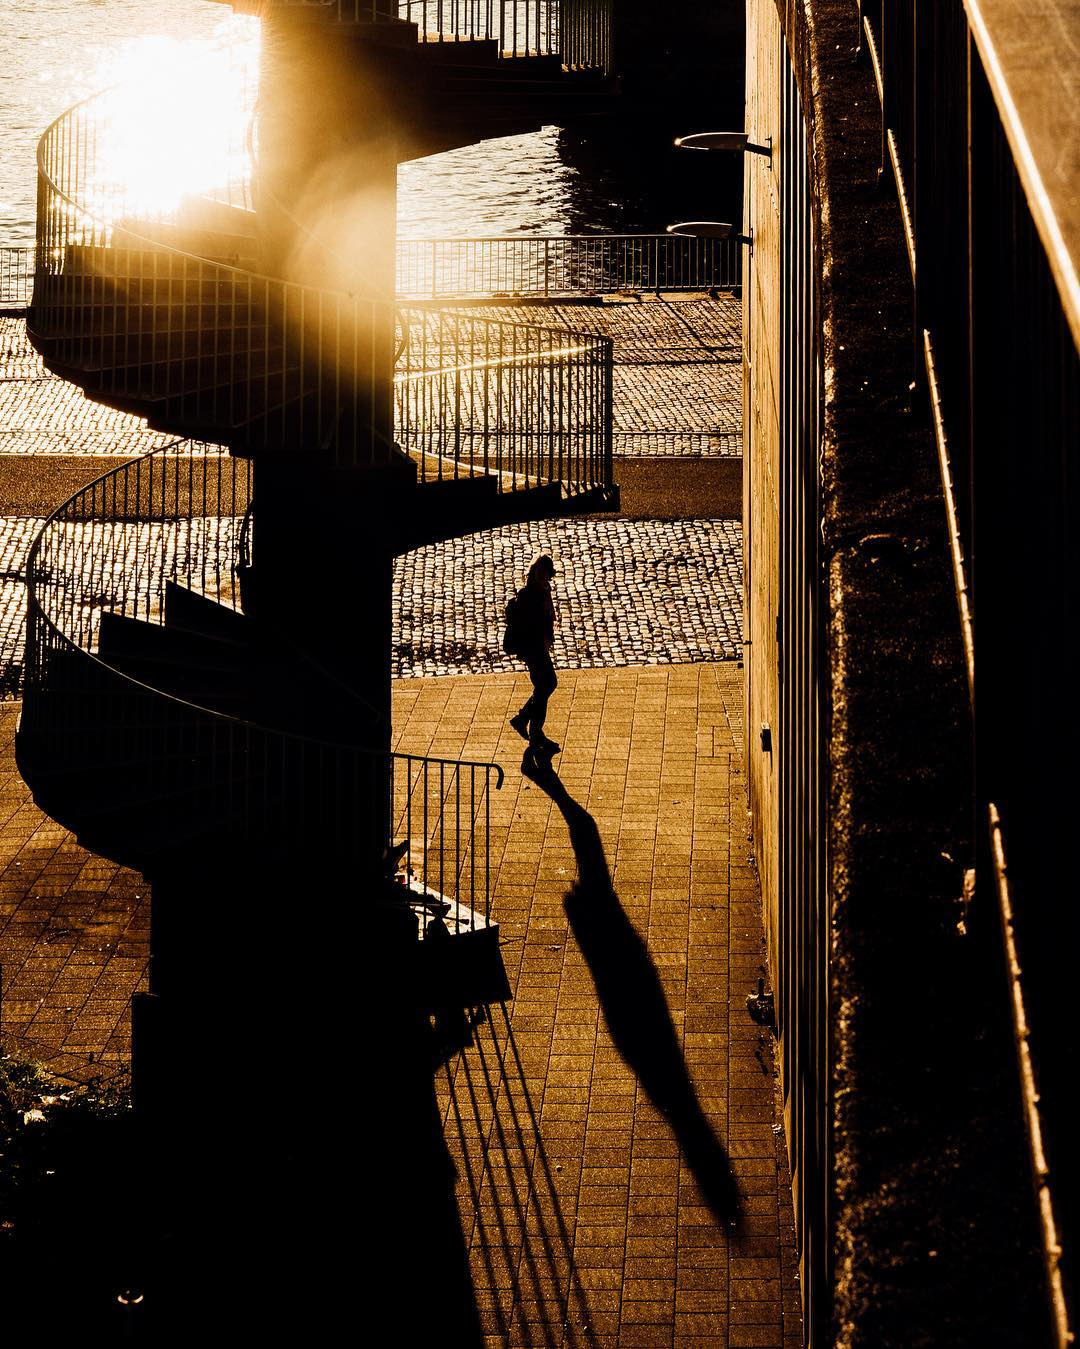 Пейзажи и уличные снимки от Дэйва Кругмана